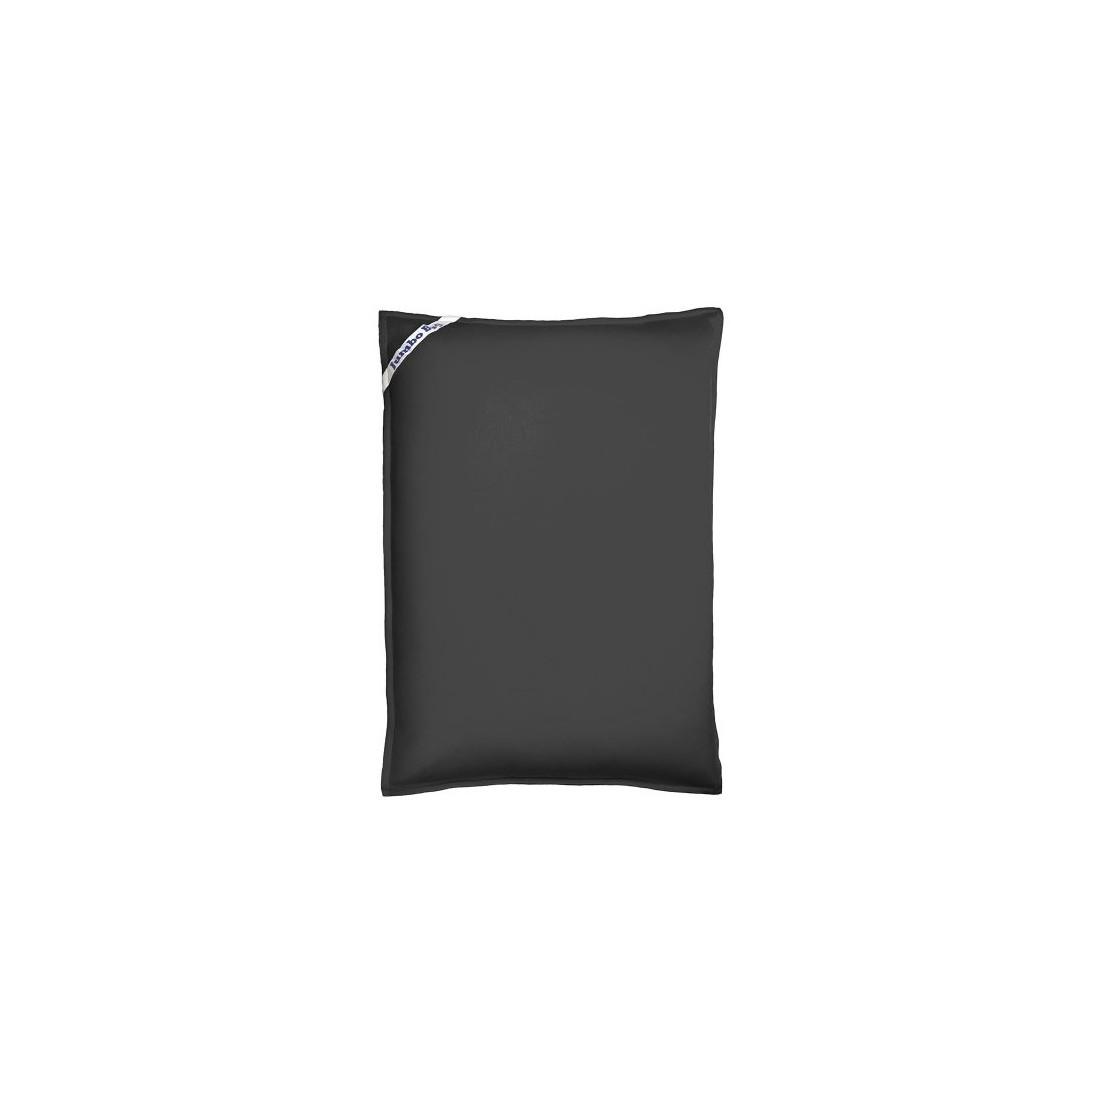 emejing jumbo bag flottant pictures. Black Bedroom Furniture Sets. Home Design Ideas